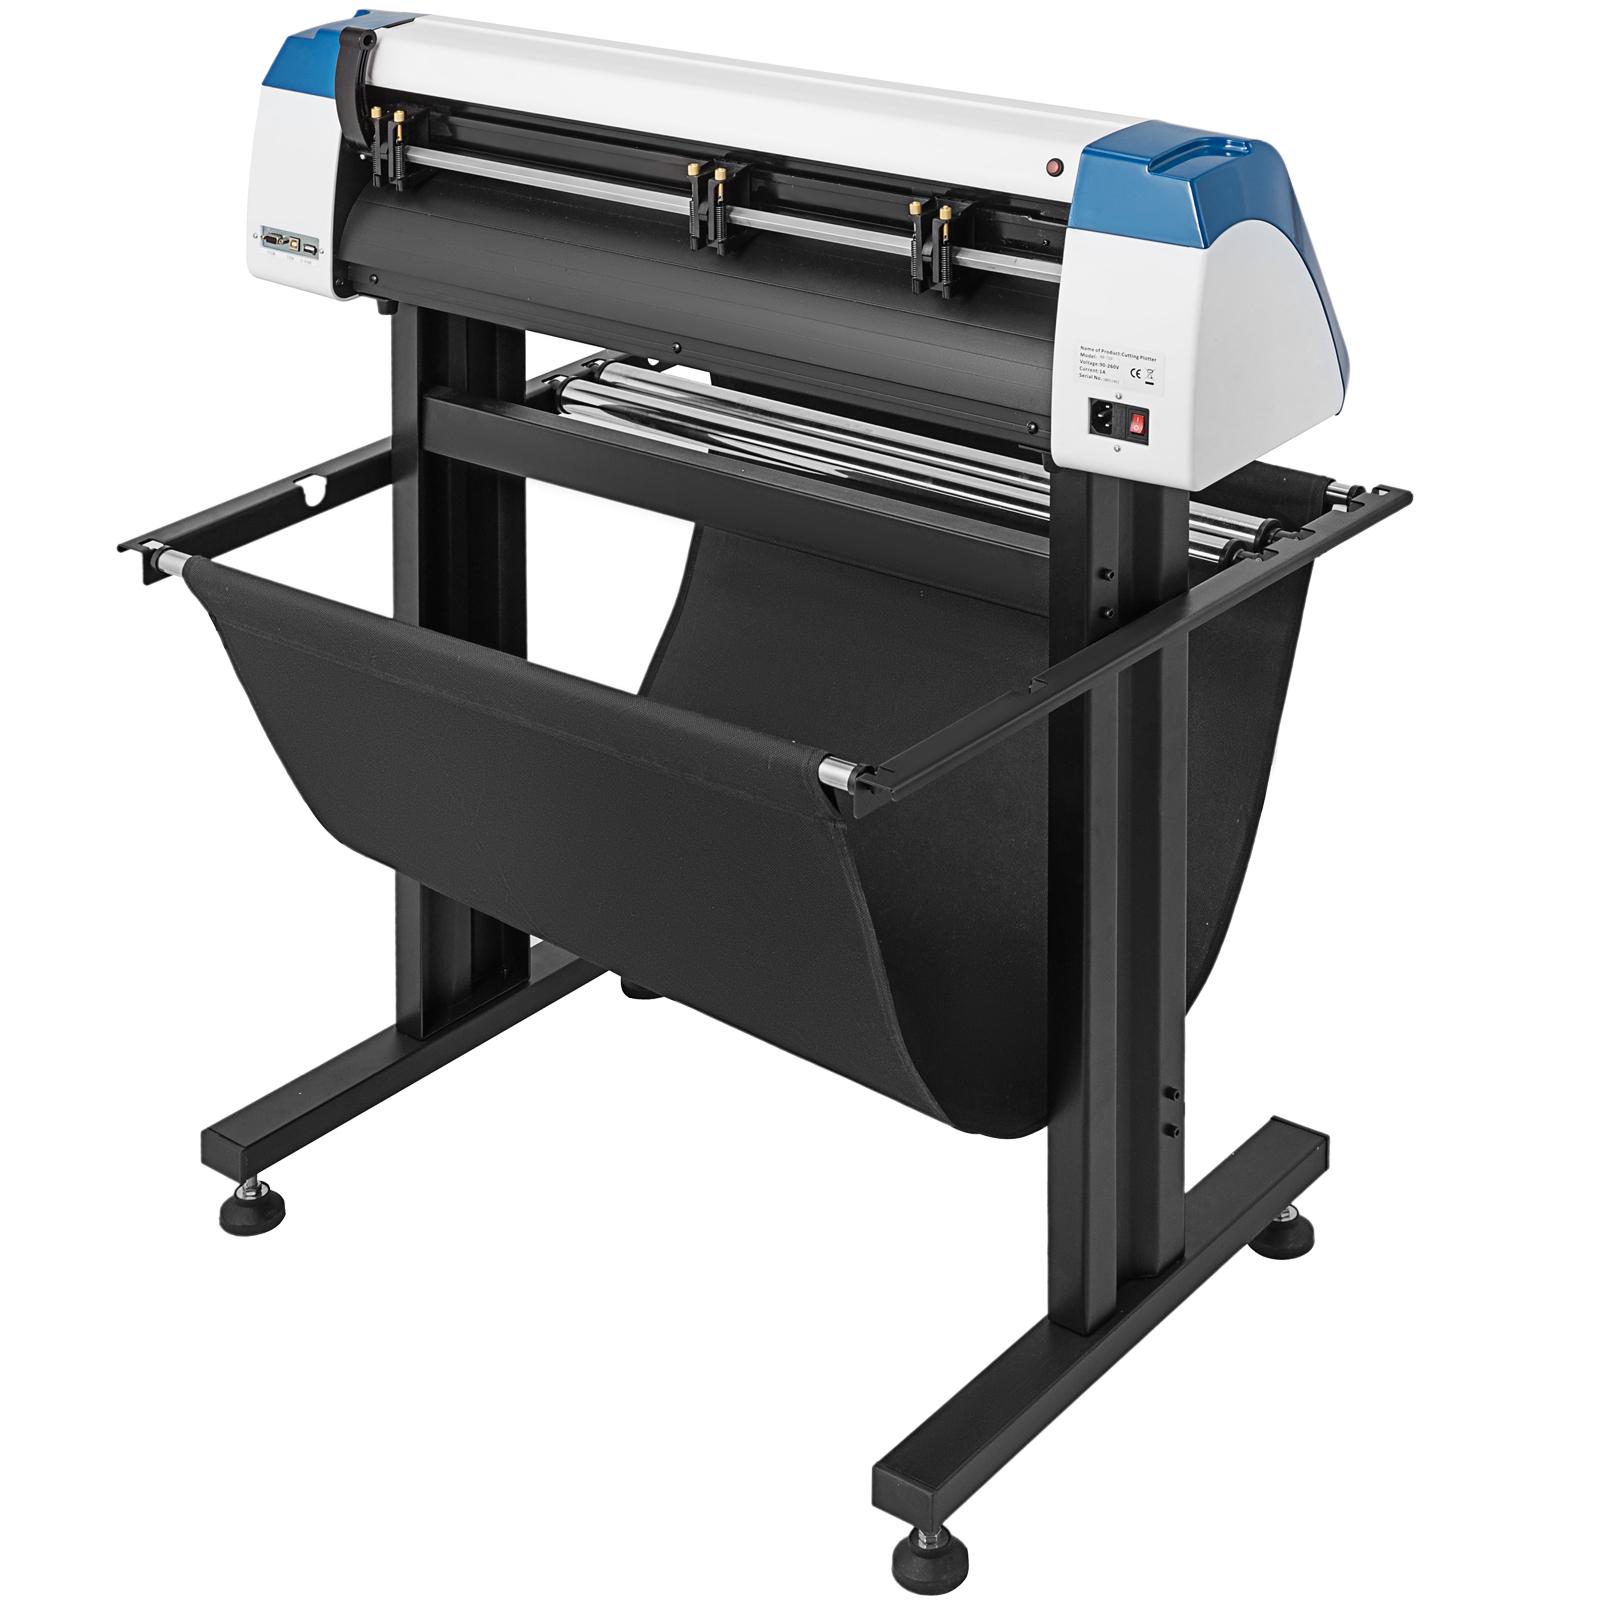 Vinyl-Cutter-Plotter-Cutting-14-28-34-53-inch-Art-Craft-Software-Stepper-motor thumbnail 84